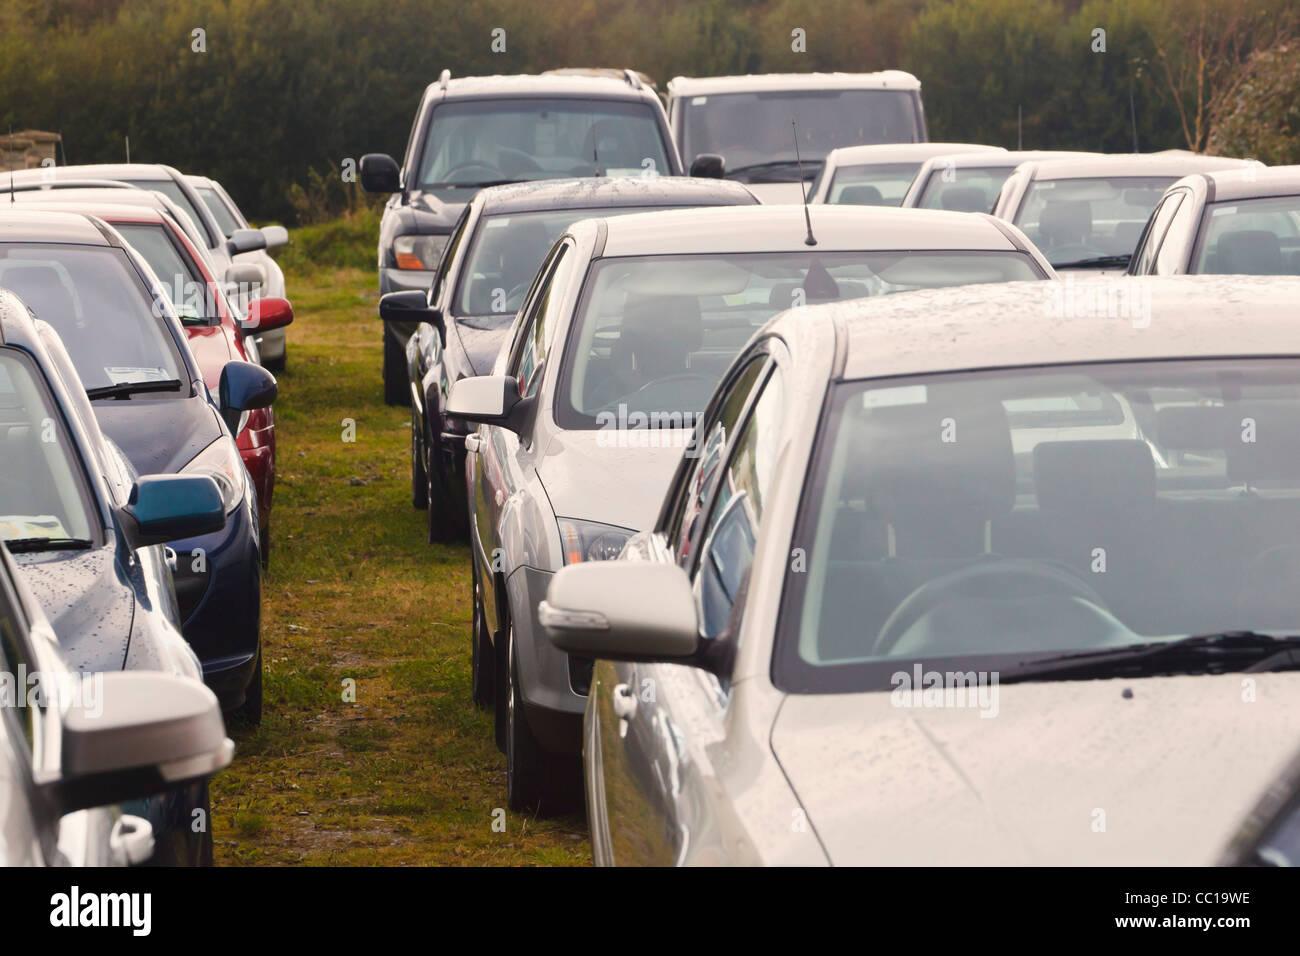 Los coches aparcados a la espera de ser vendidos, Dunmaway, Condado de Cork, República de Irlanda. Imagen De Stock